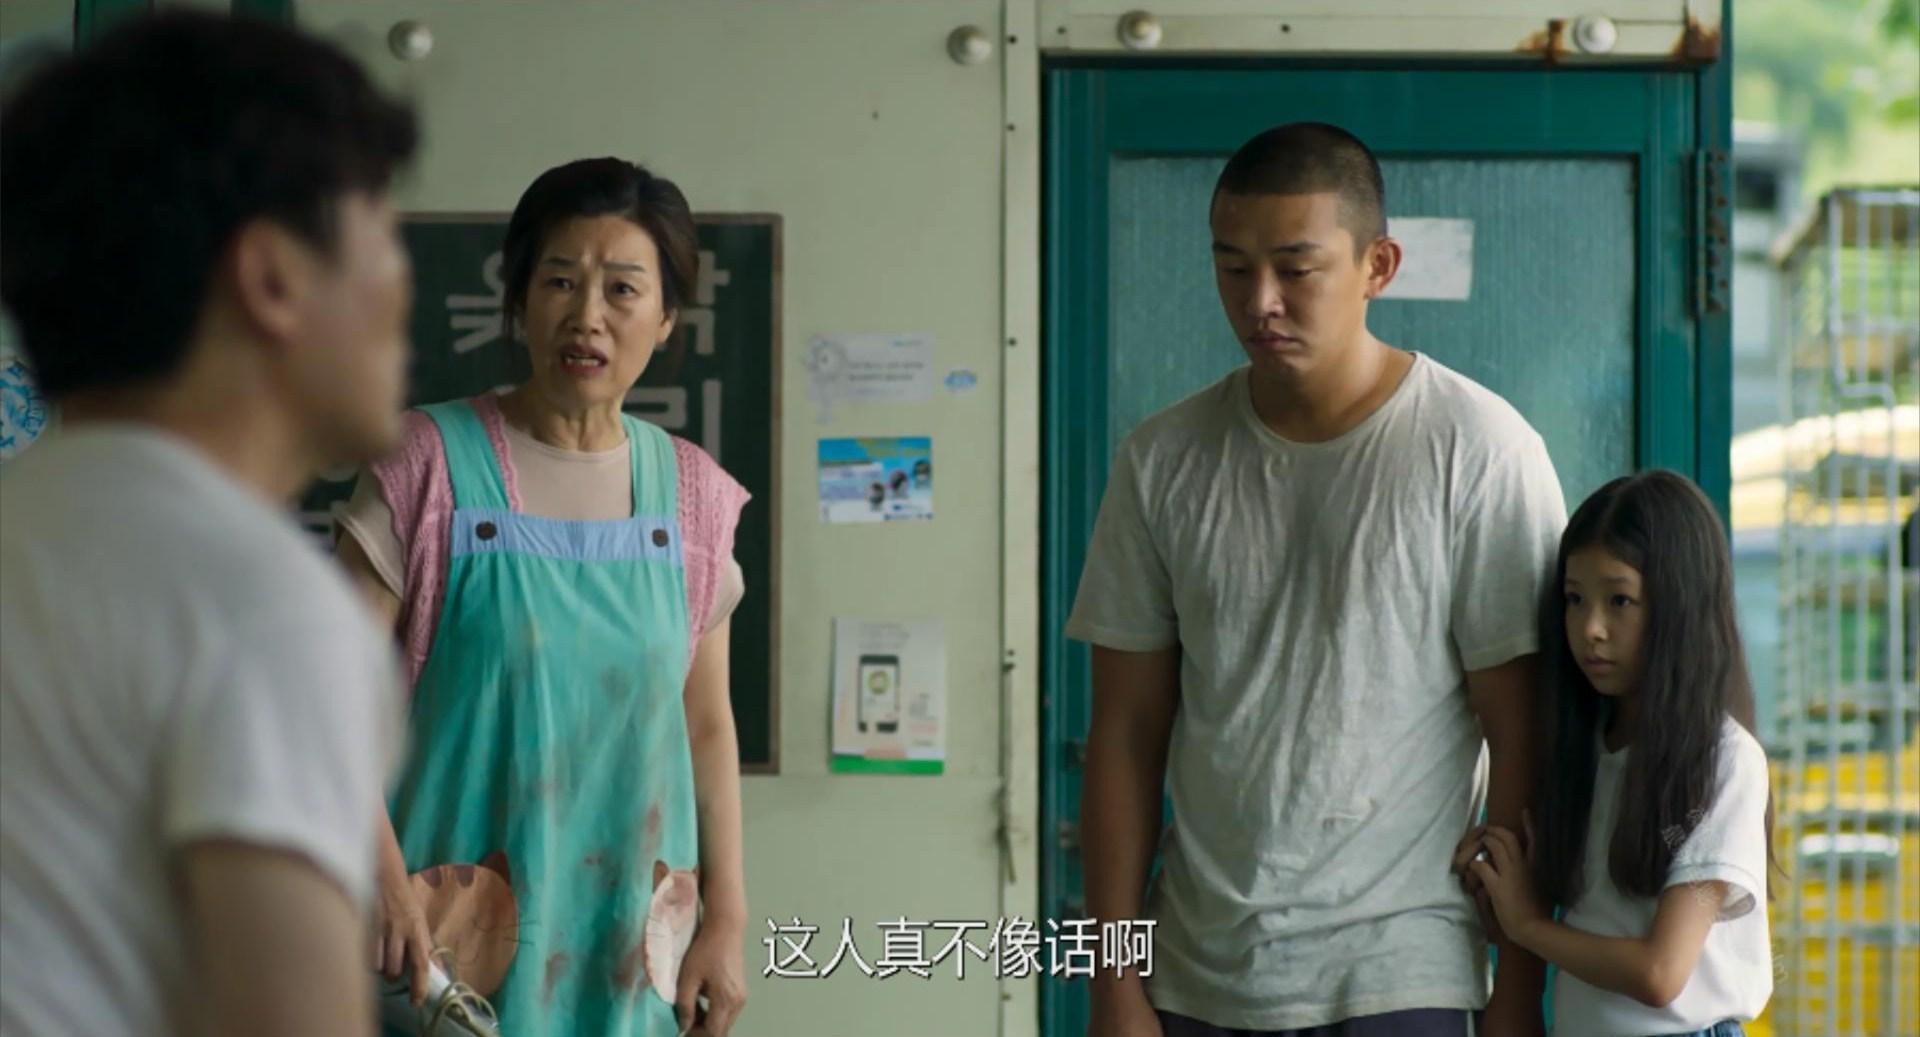 韩国电影《无声》最后的逃跑象征着是人性对社会化的一种抵抗与逃离 (8)